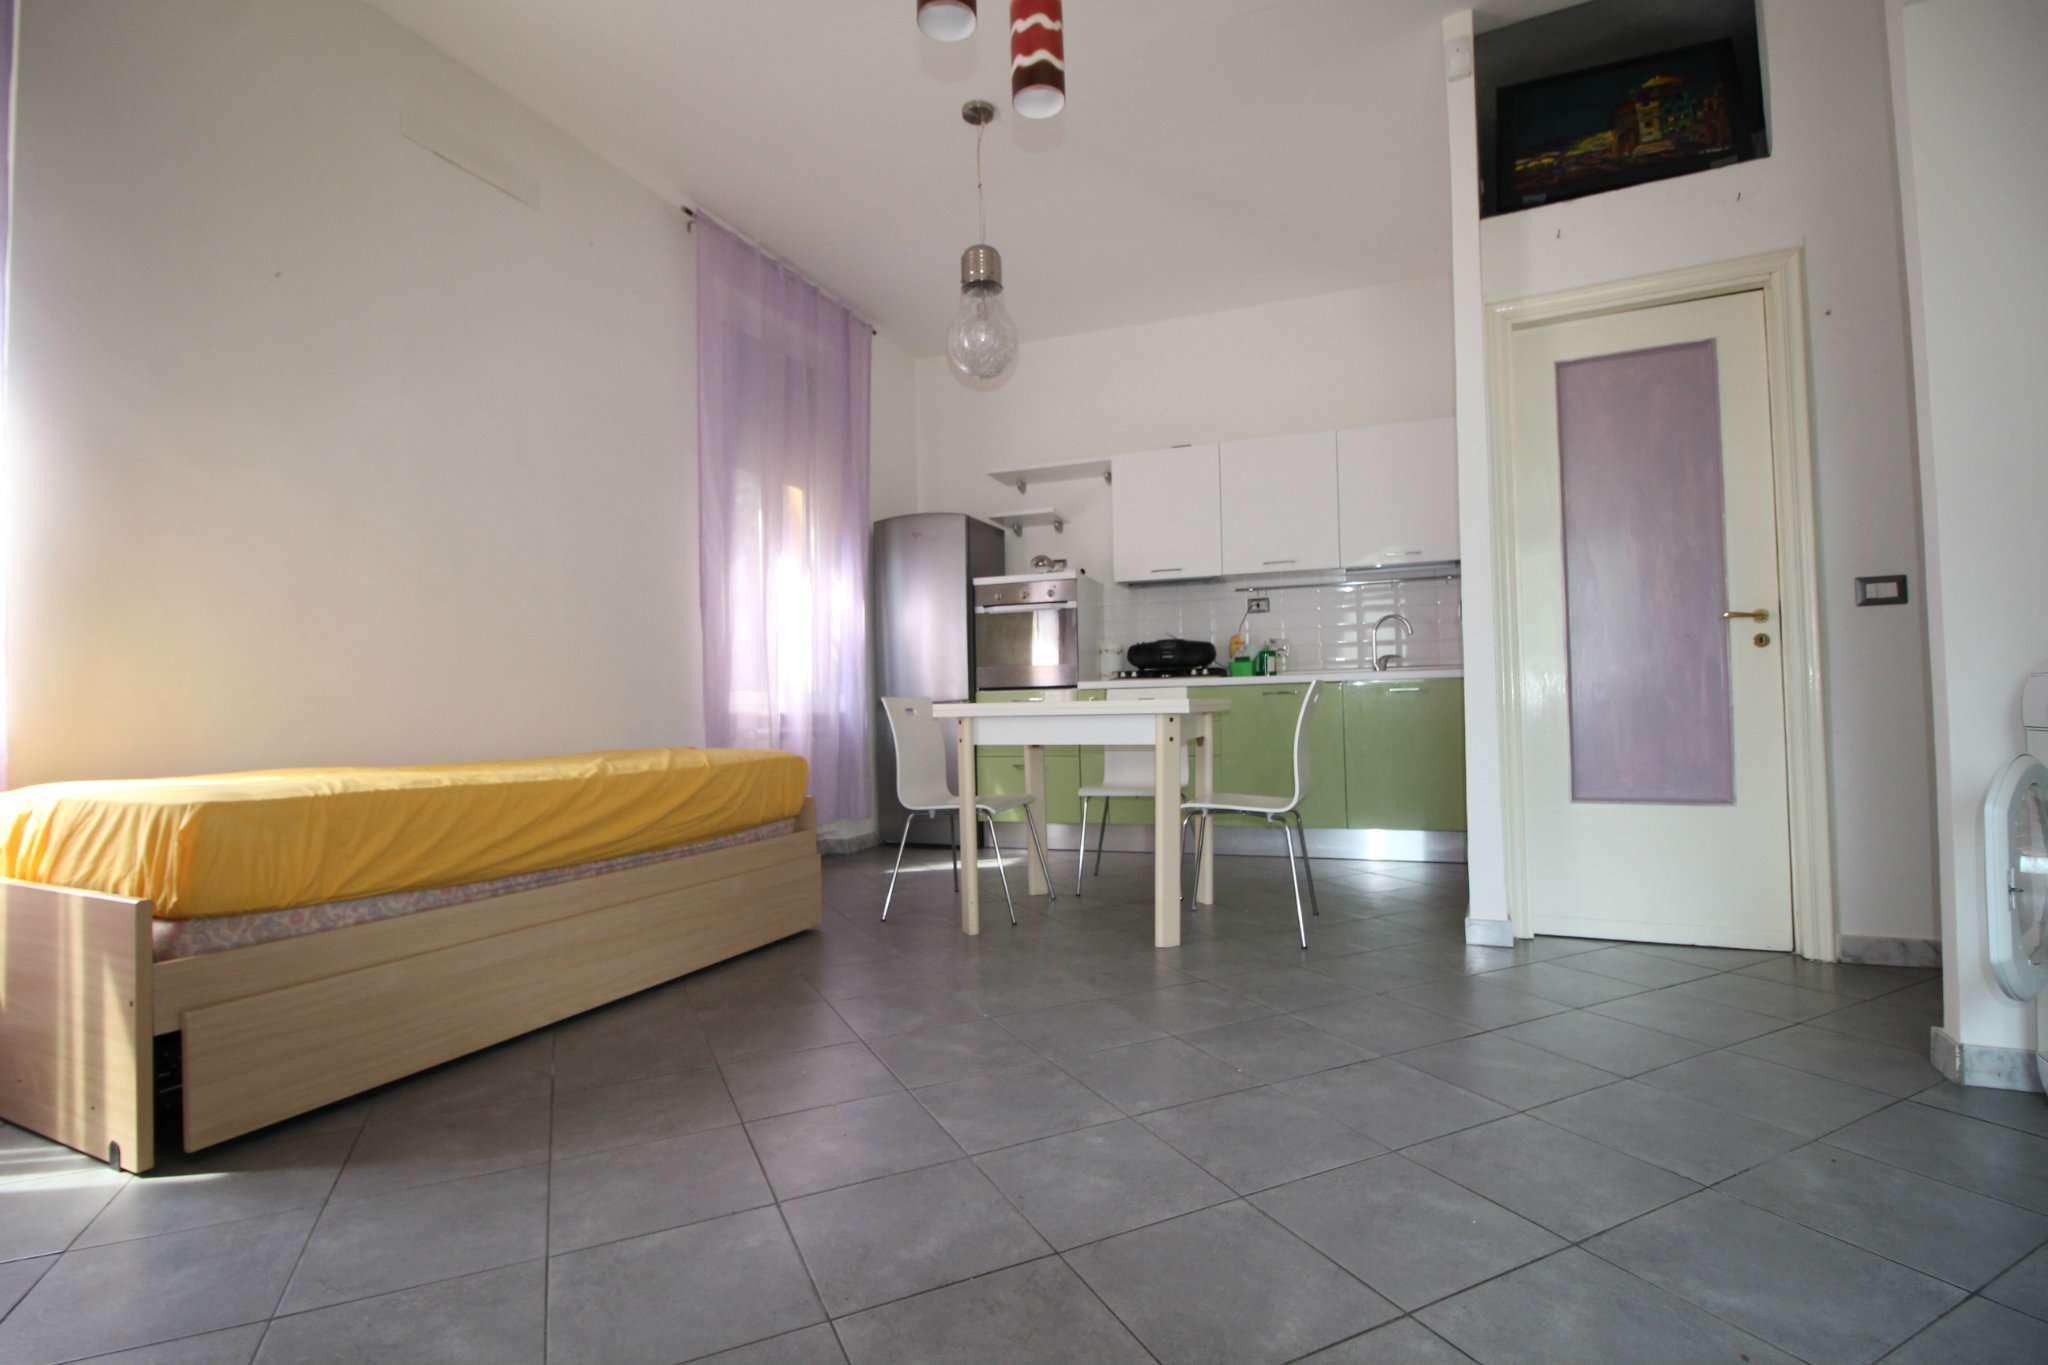 Appartamento in vendita a Sori, 3 locali, prezzo € 89.000 | CambioCasa.it